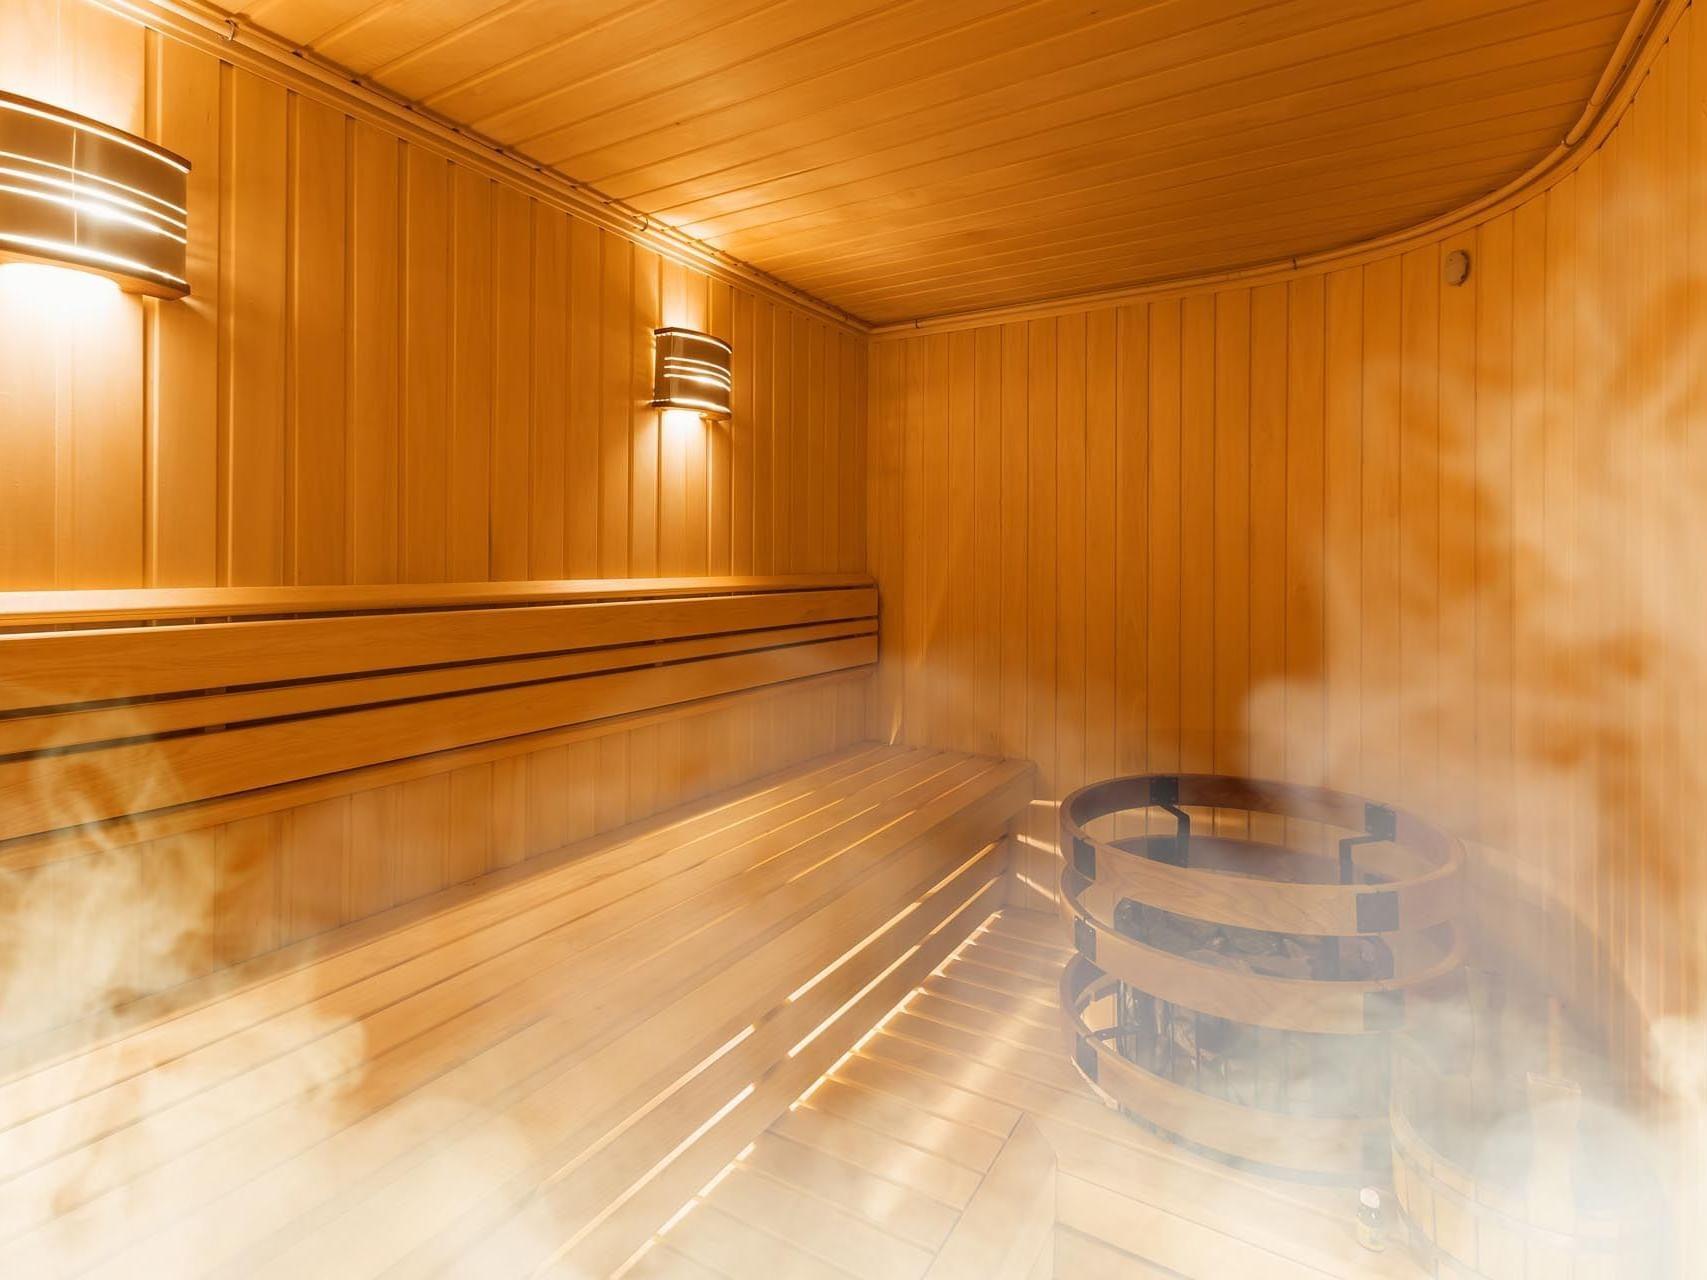 sauna at Precise Resort Marina Wolfsbruch